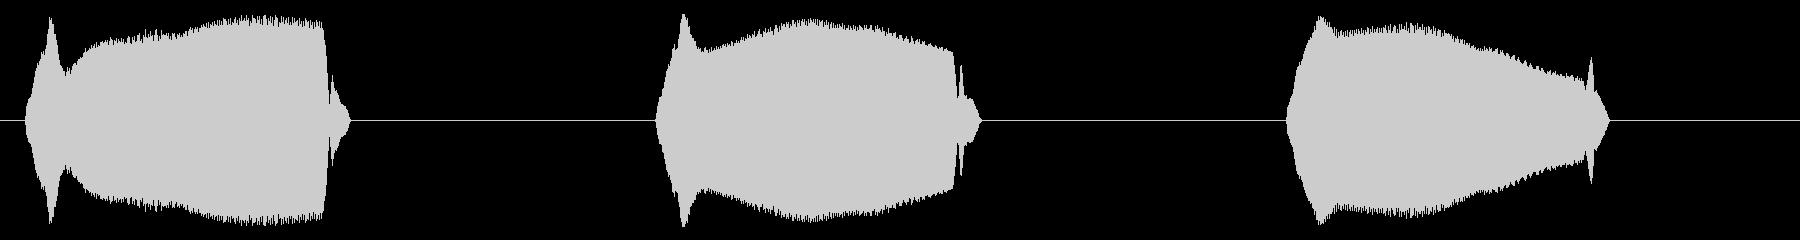 リアルな携帯/スマホのバイブ効果音01!の未再生の波形